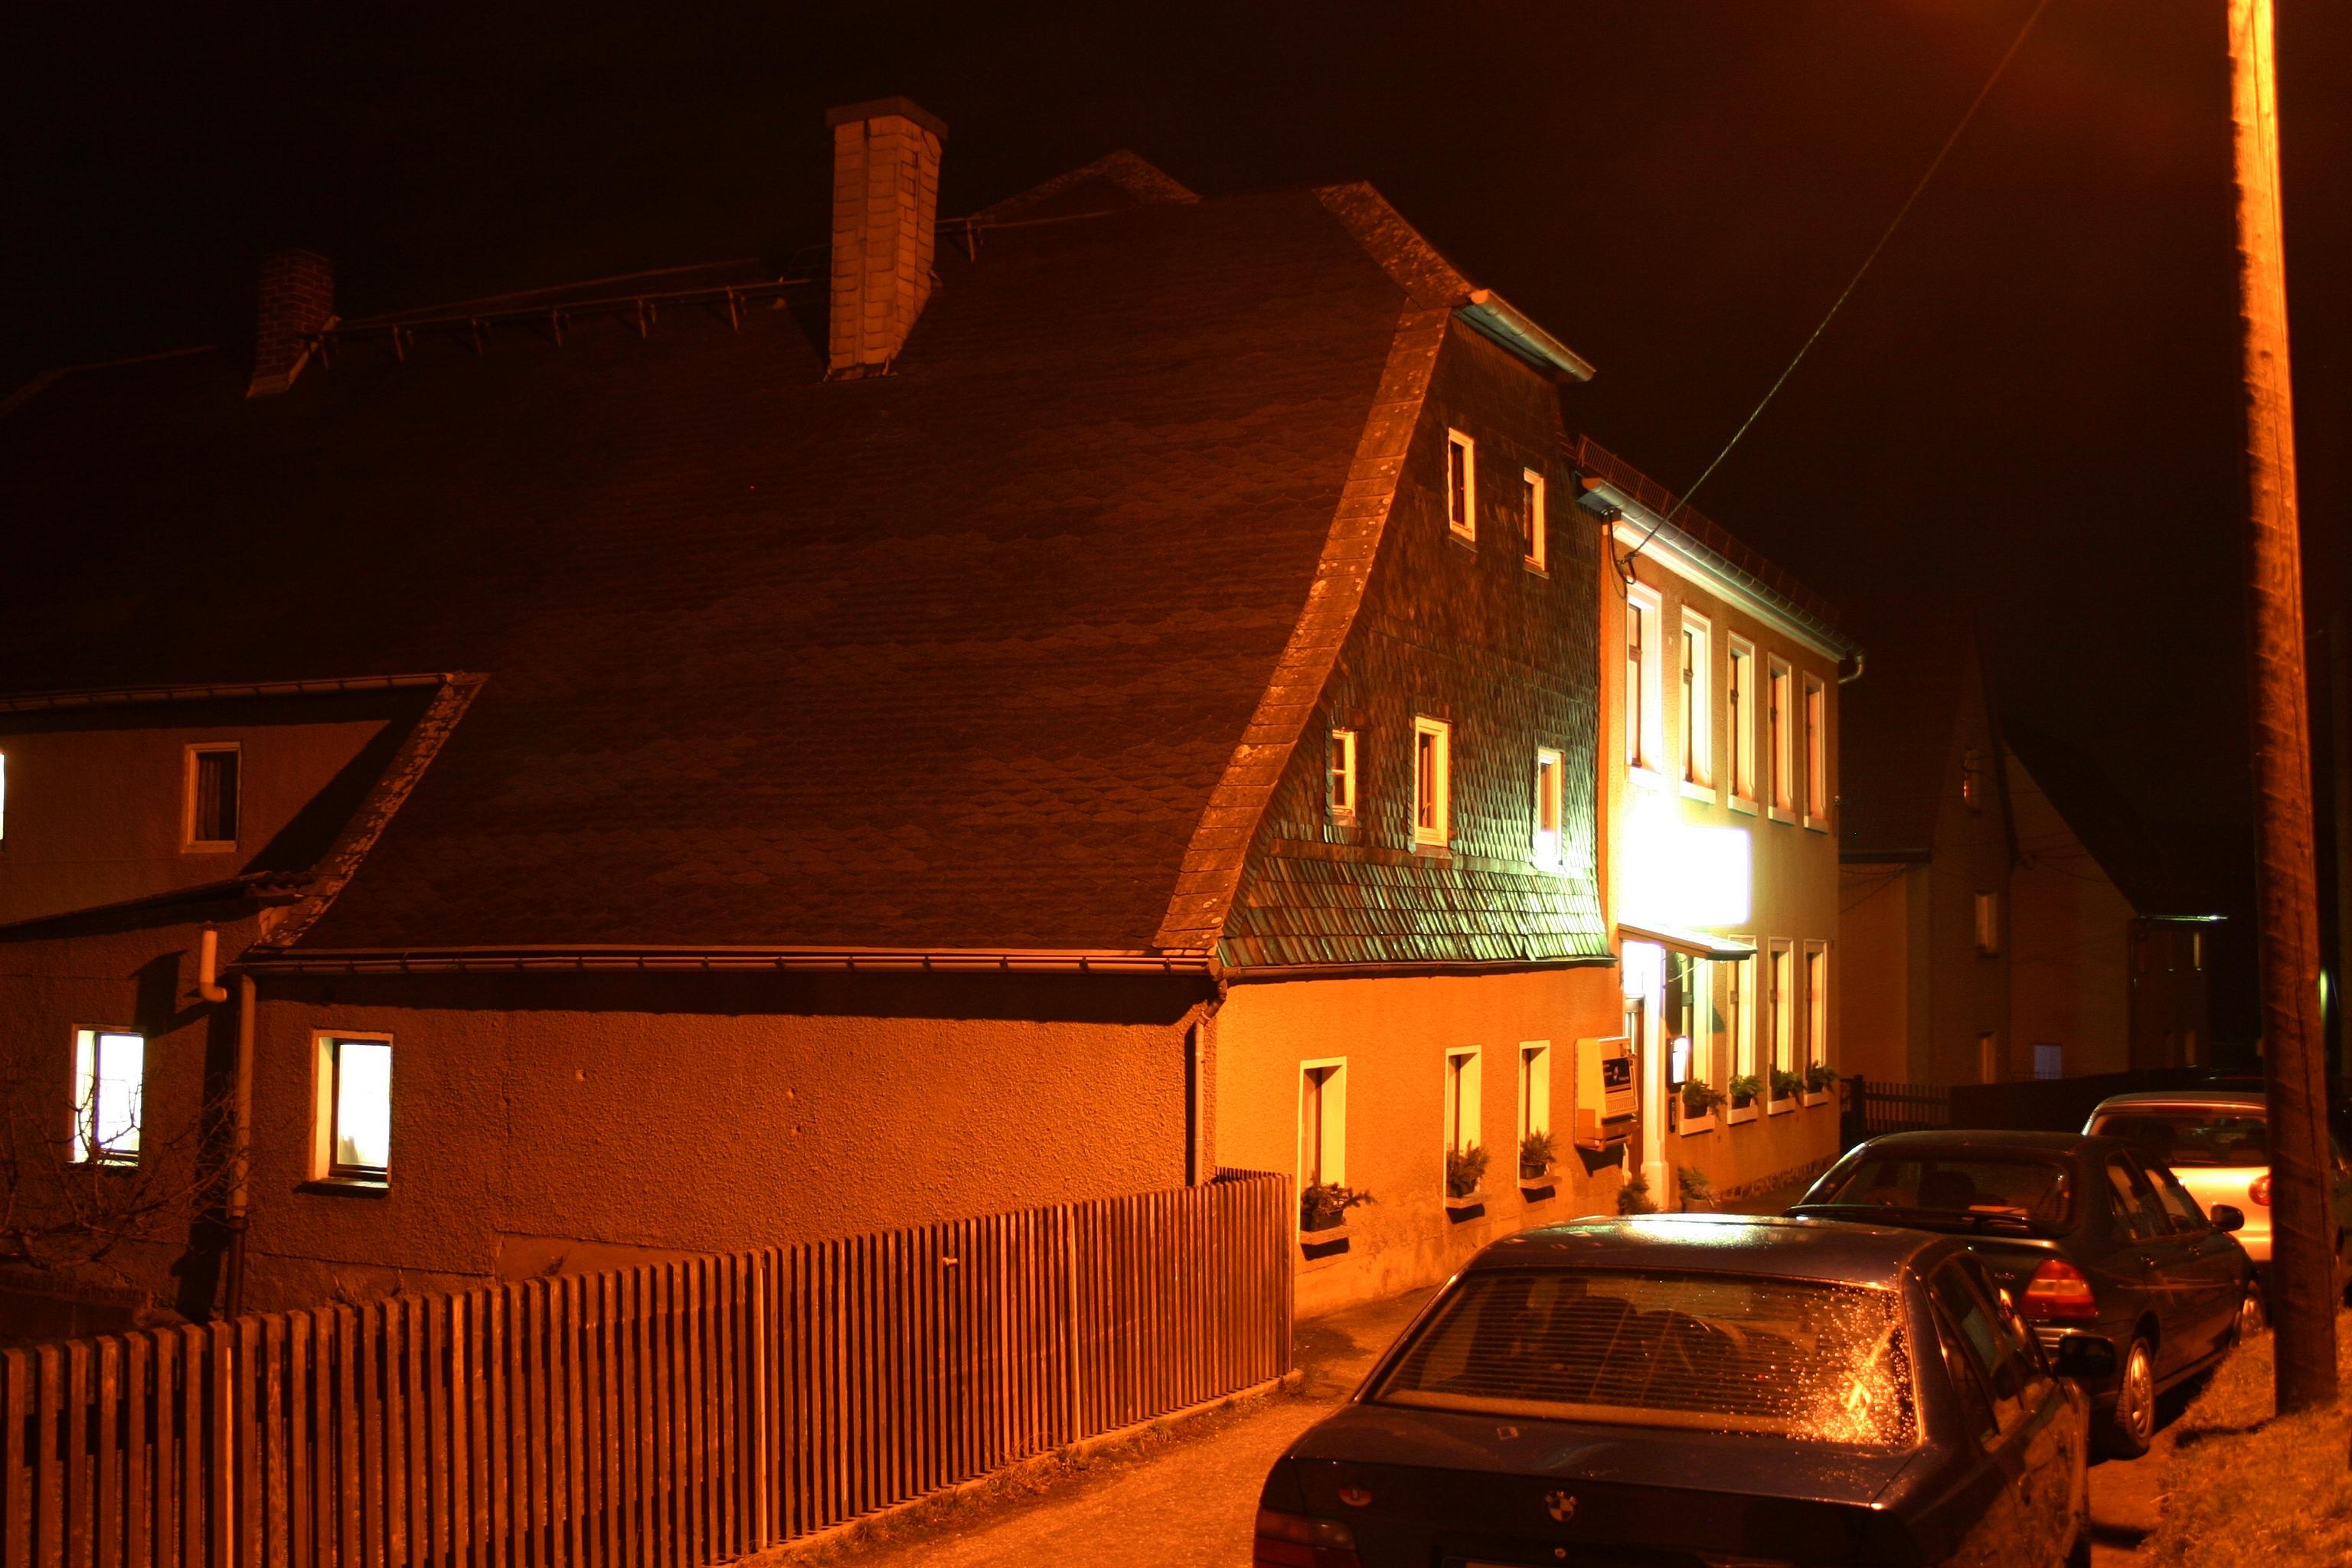 6.) Göritzhain Gaststätte Hentschel 02.08